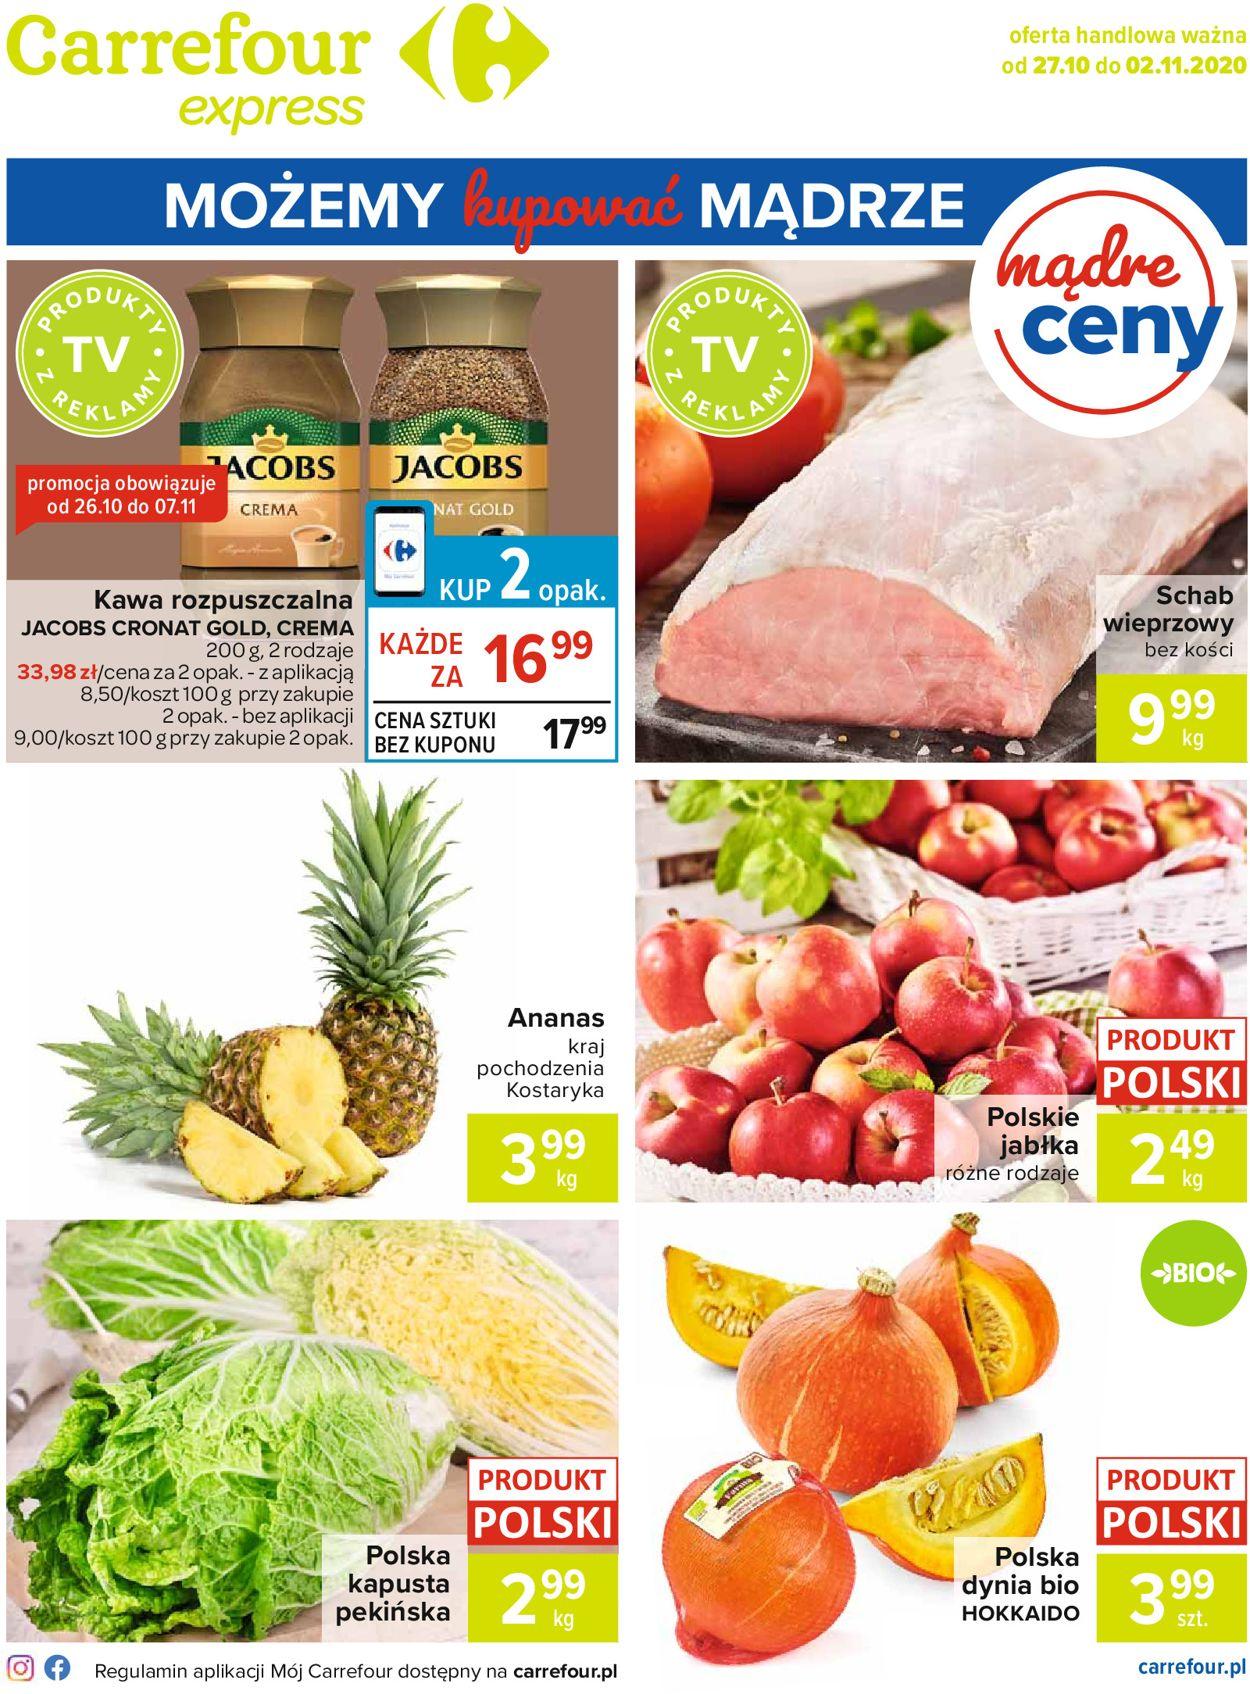 Gazetka promocyjna Carrefour Express - 27.10-02.11.2020